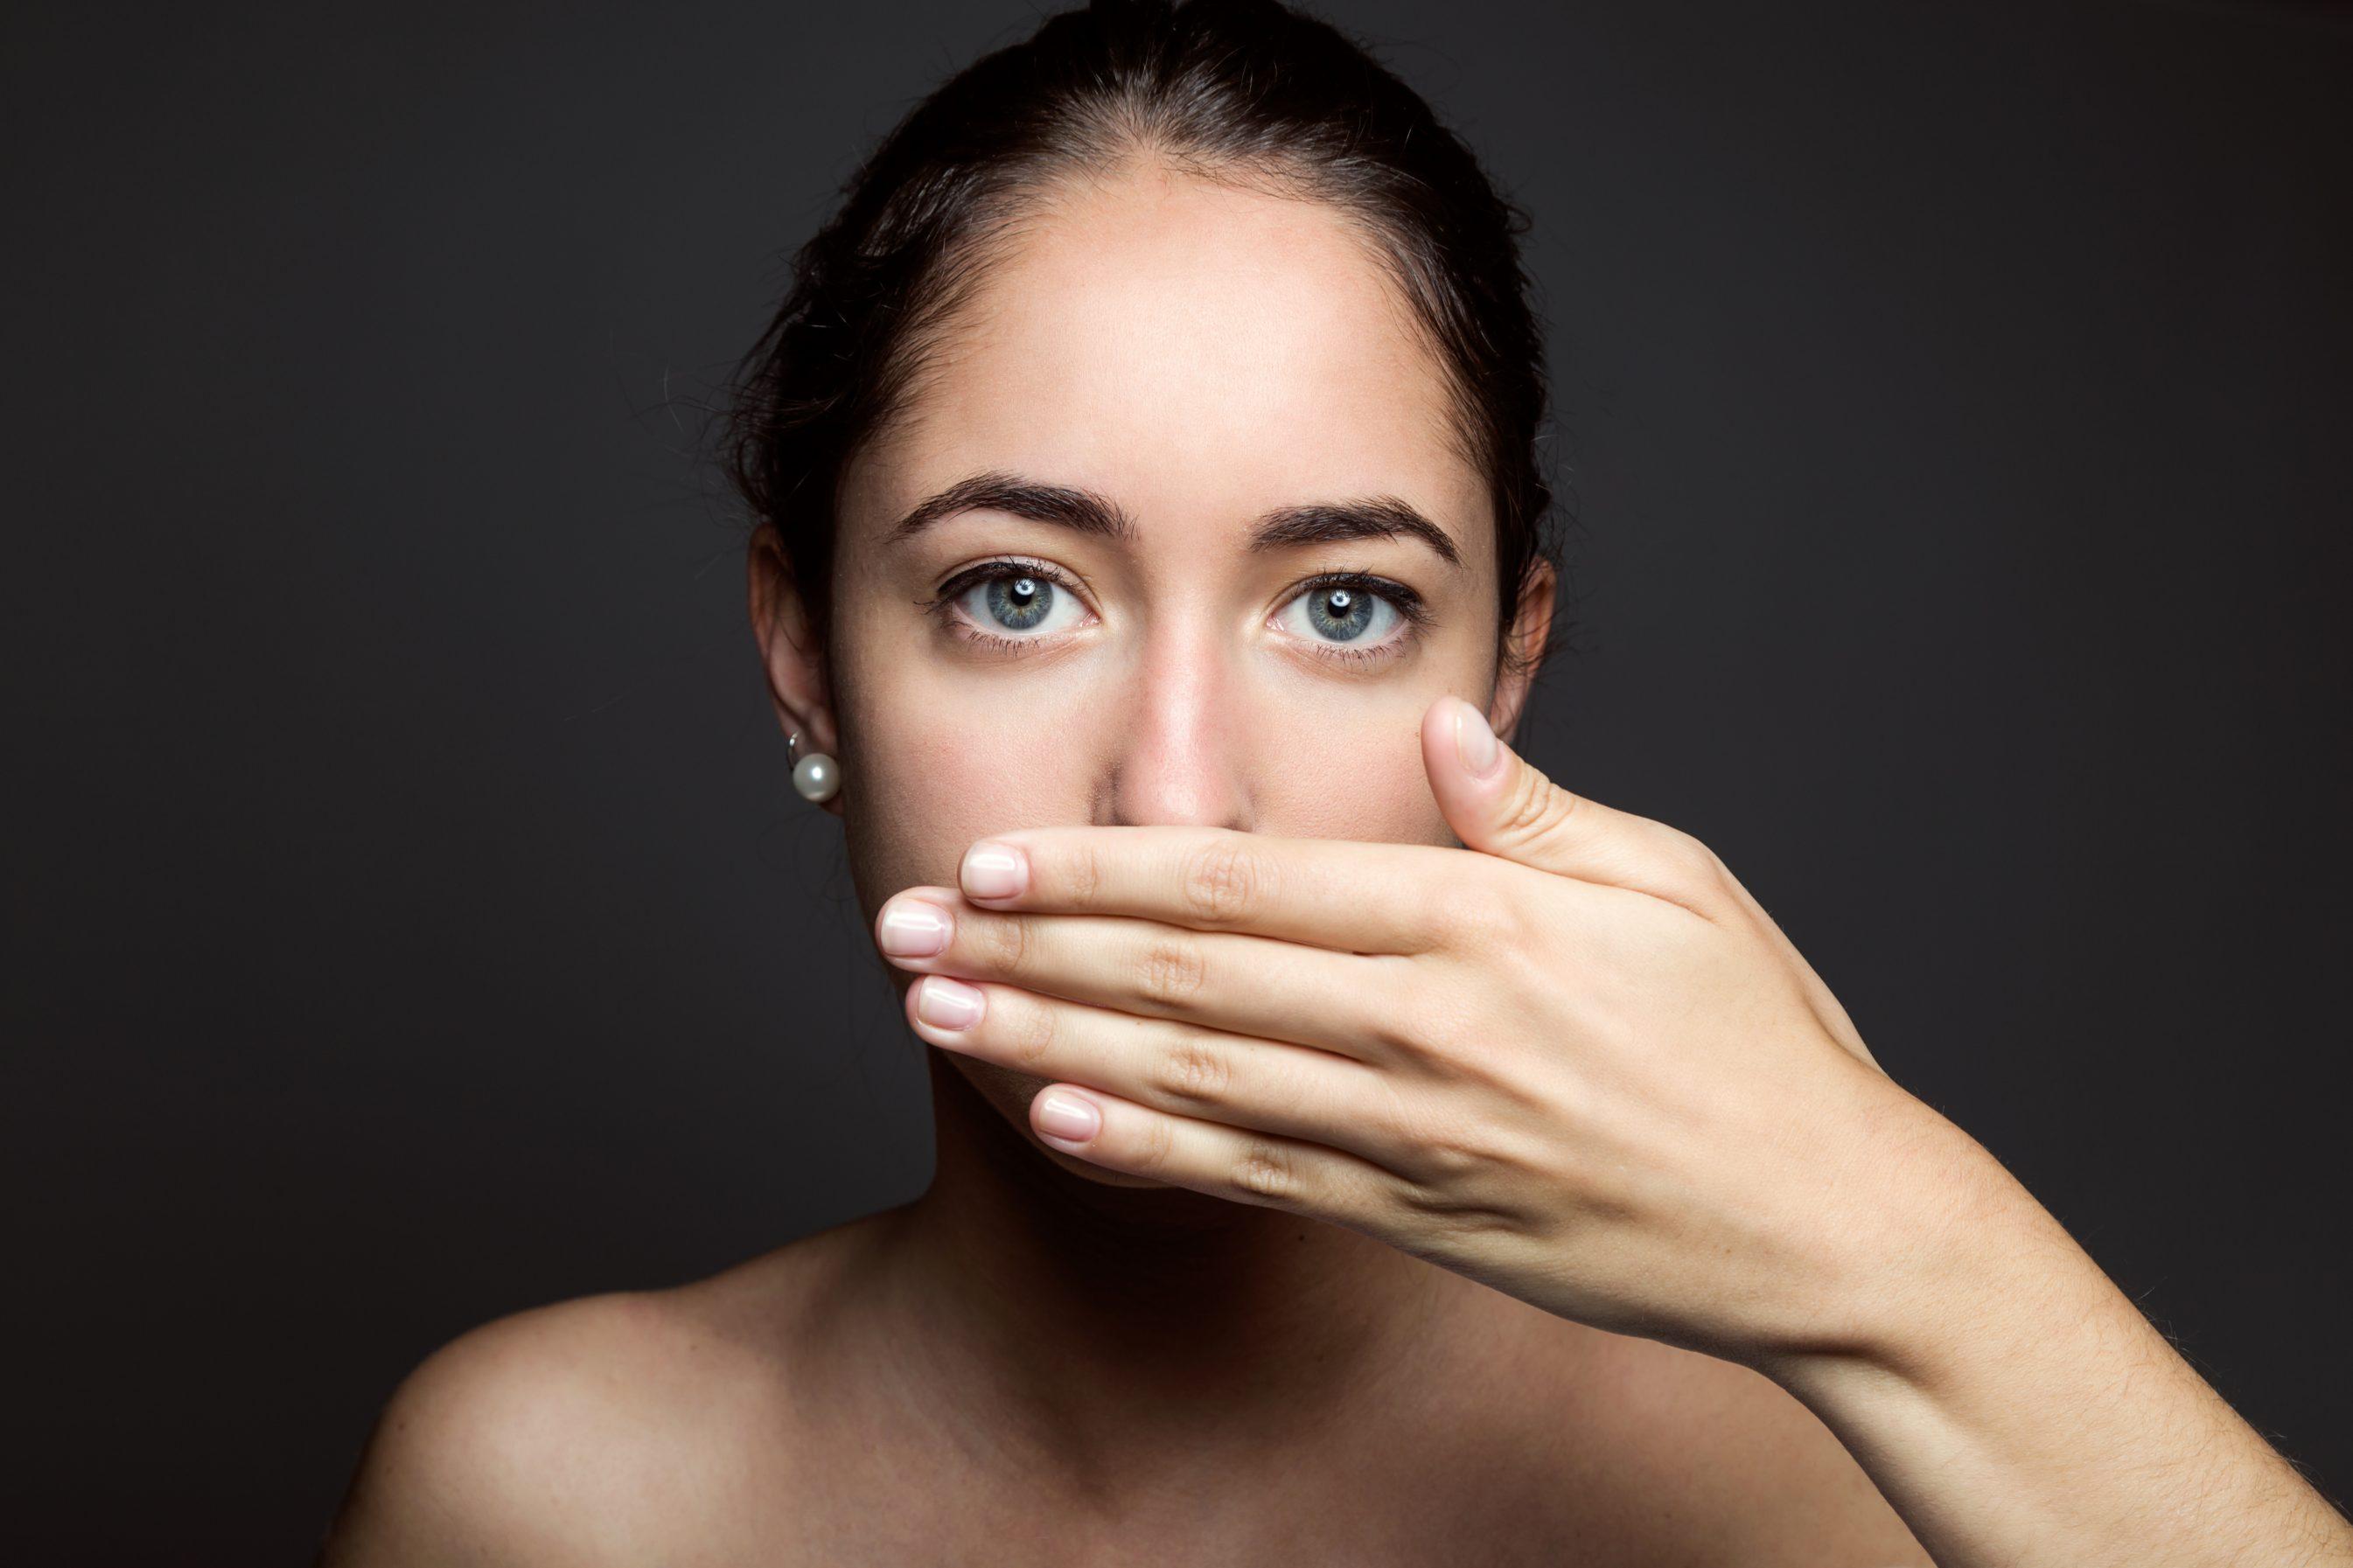 Mal aliento o halitosis. Problemas de salud bucodental